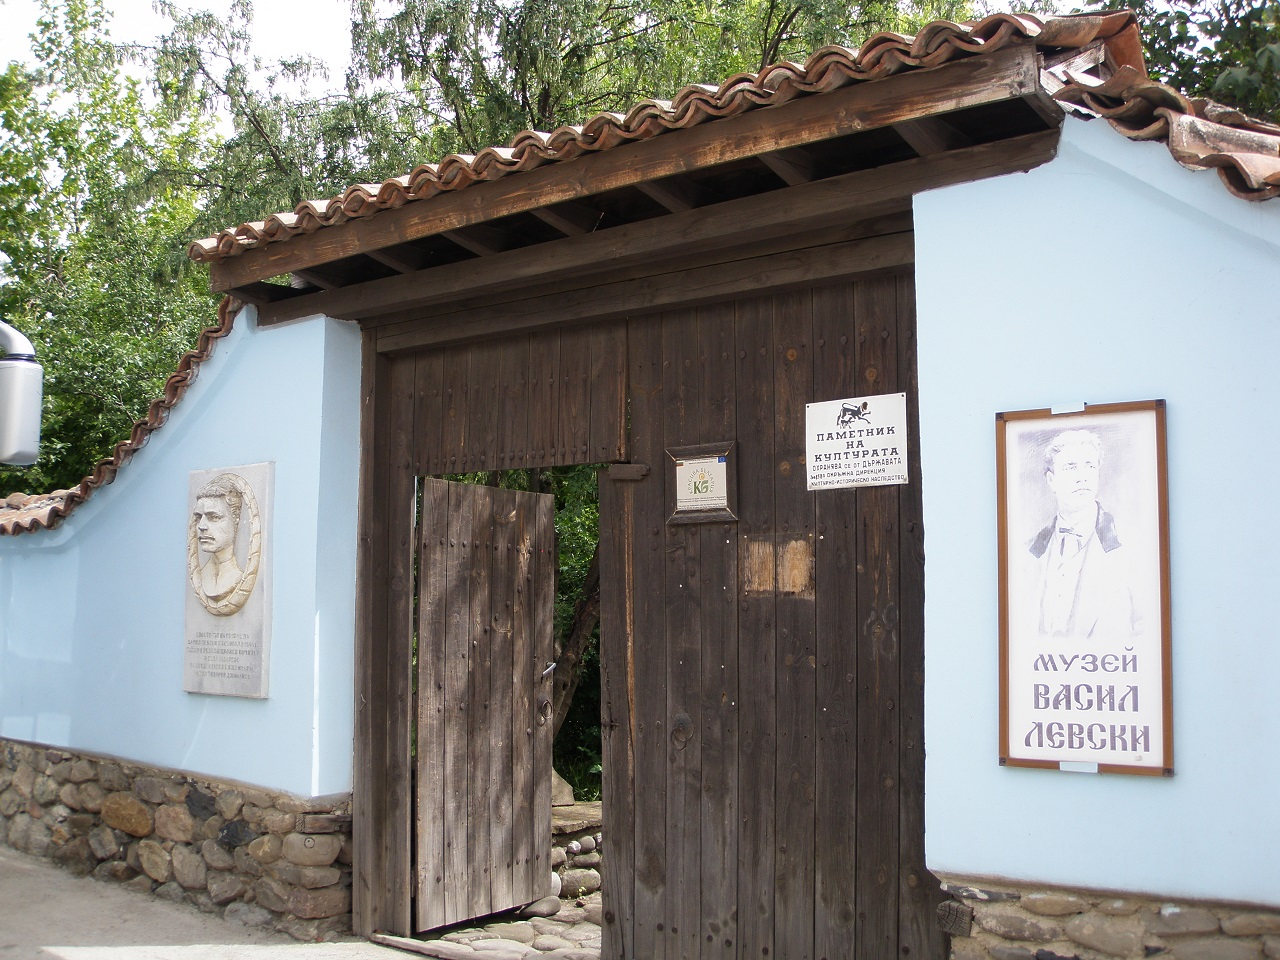 Джанановата къща - с. Габарево, Павел баня